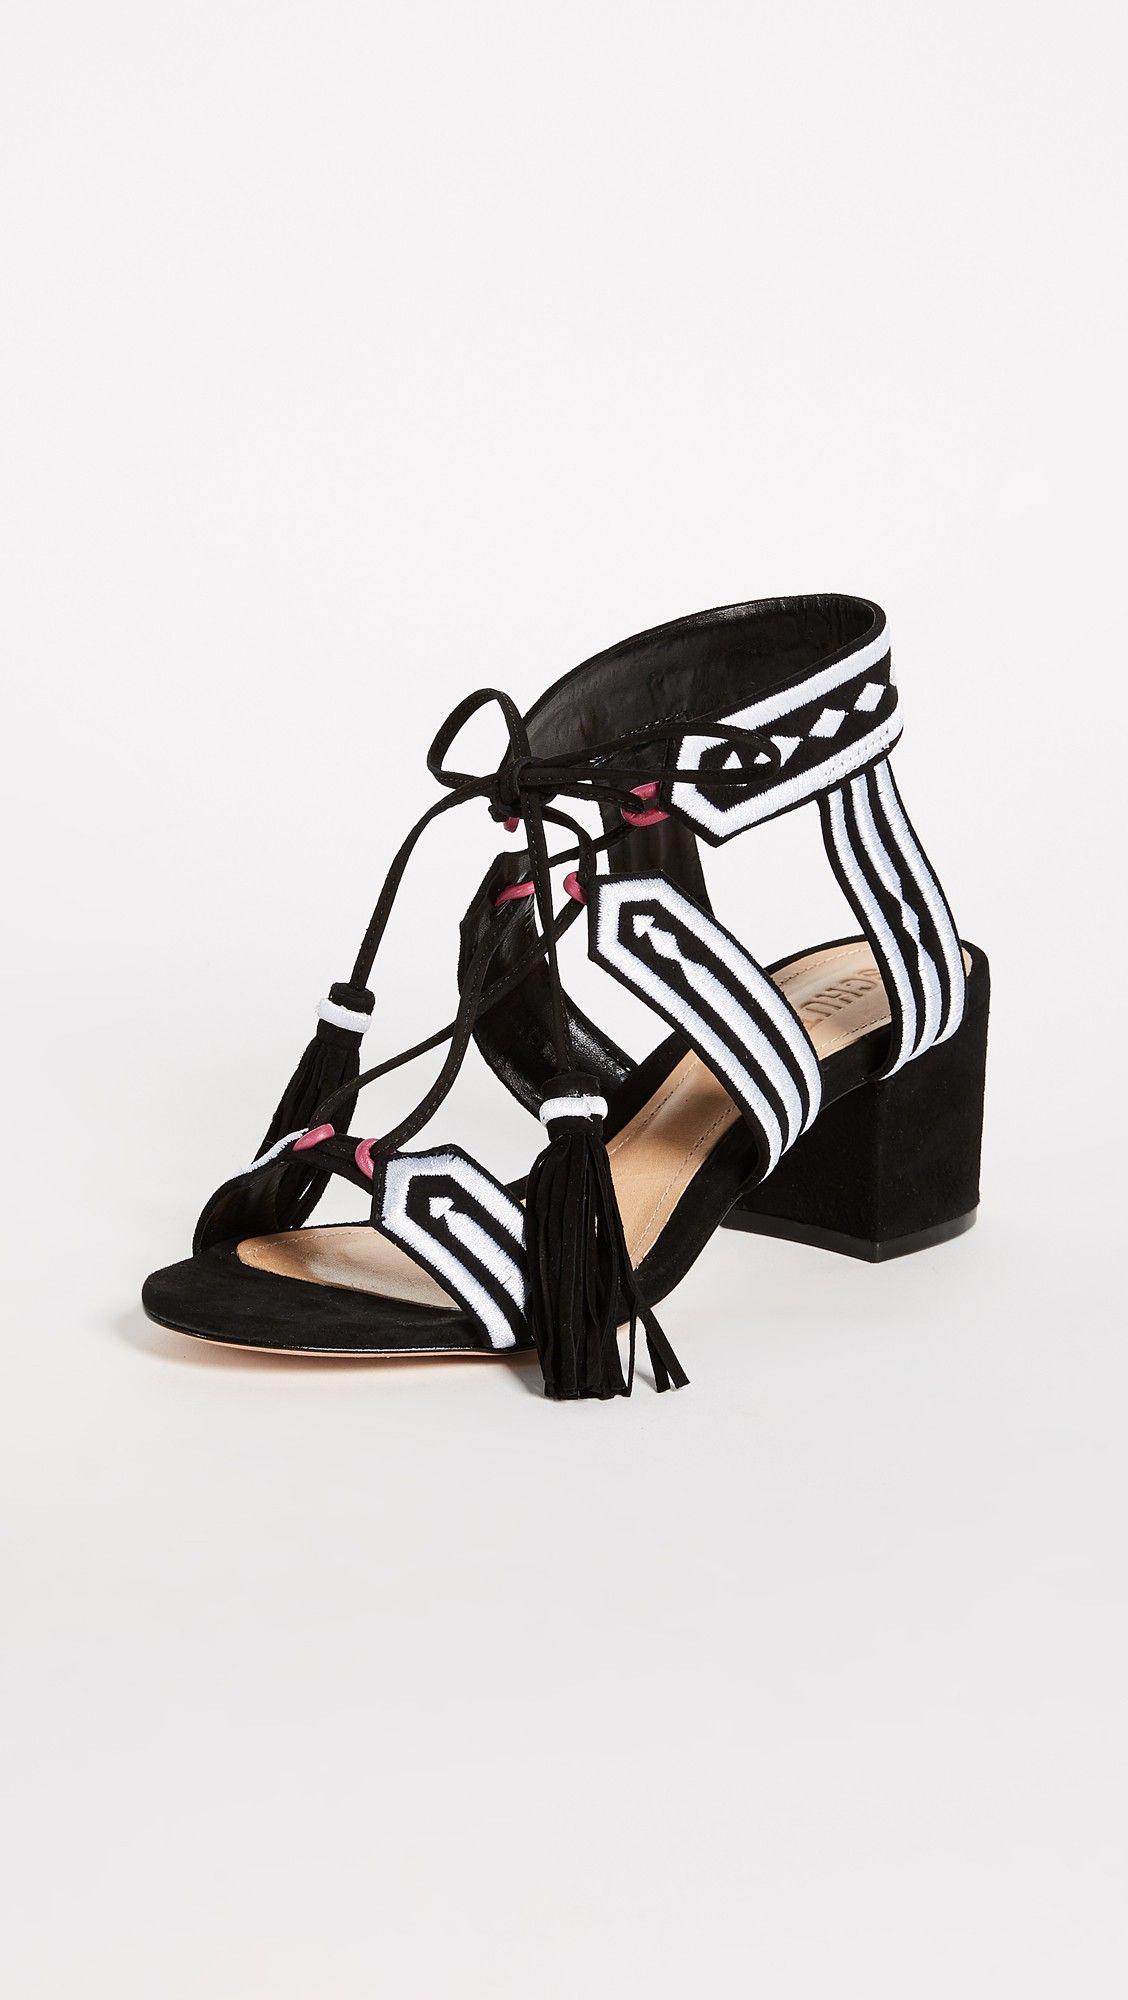 Liessel Block Heel Sandals Block heels, Heels, Sandals